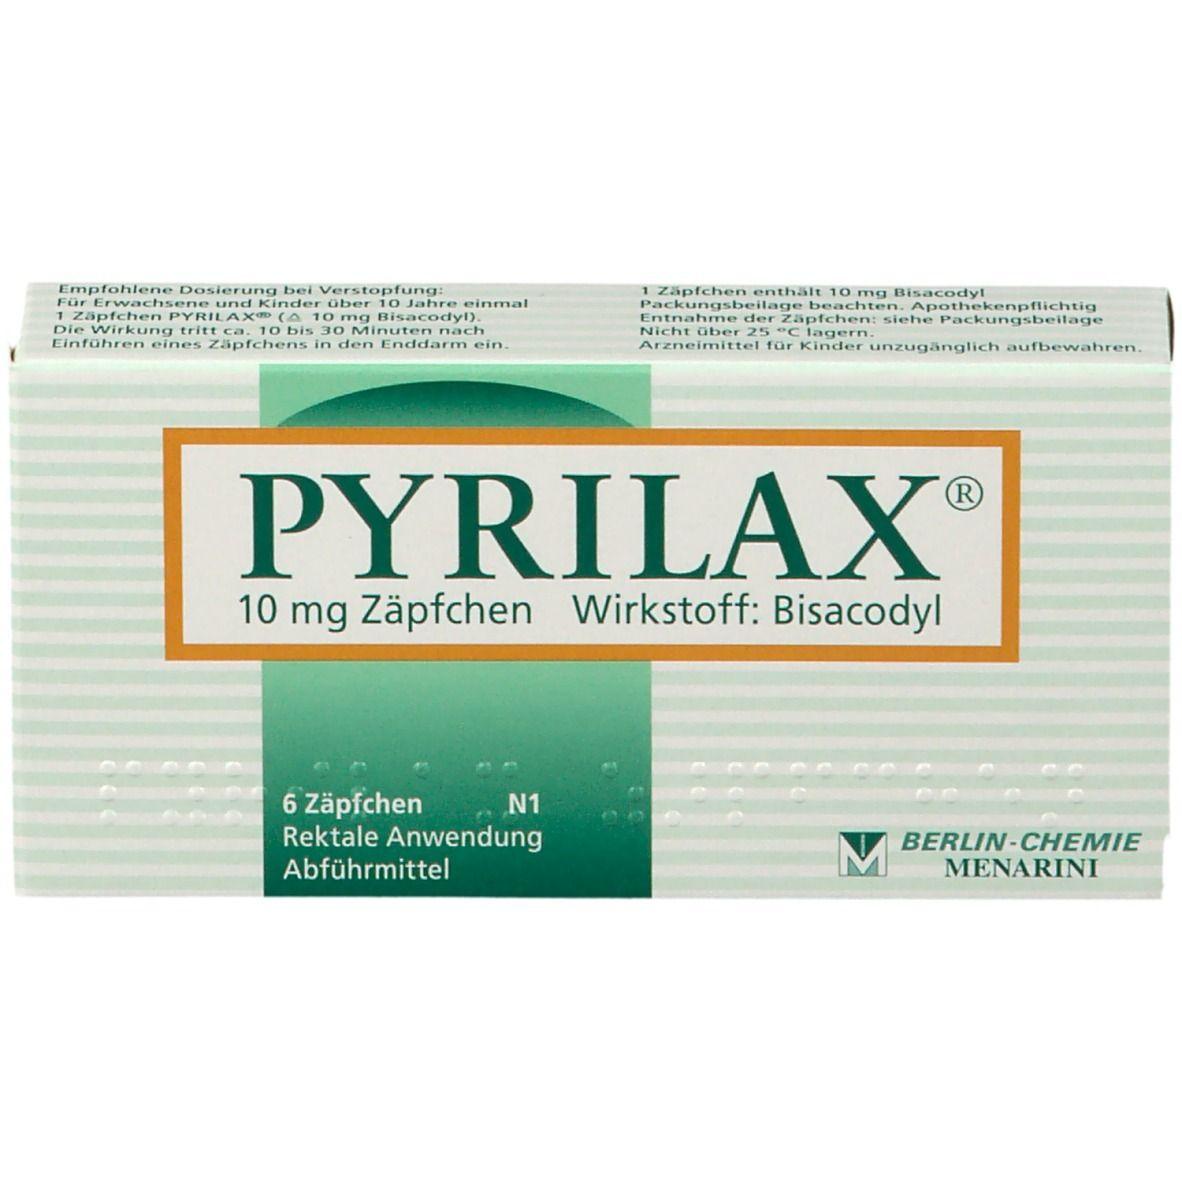 Einführen erwachsene zäpfchen Glycilax